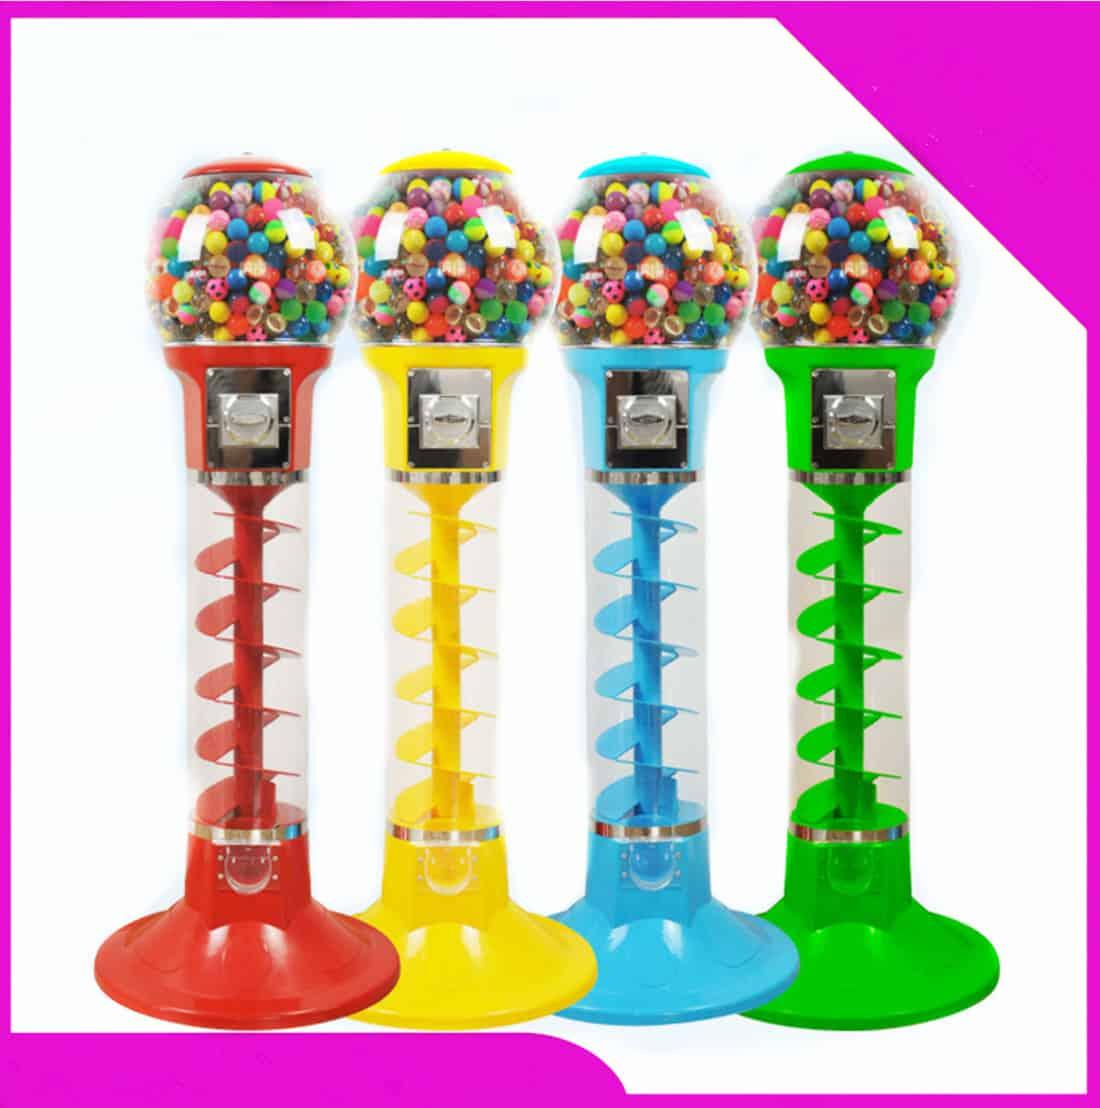 Vending machine, bouncy ball machine